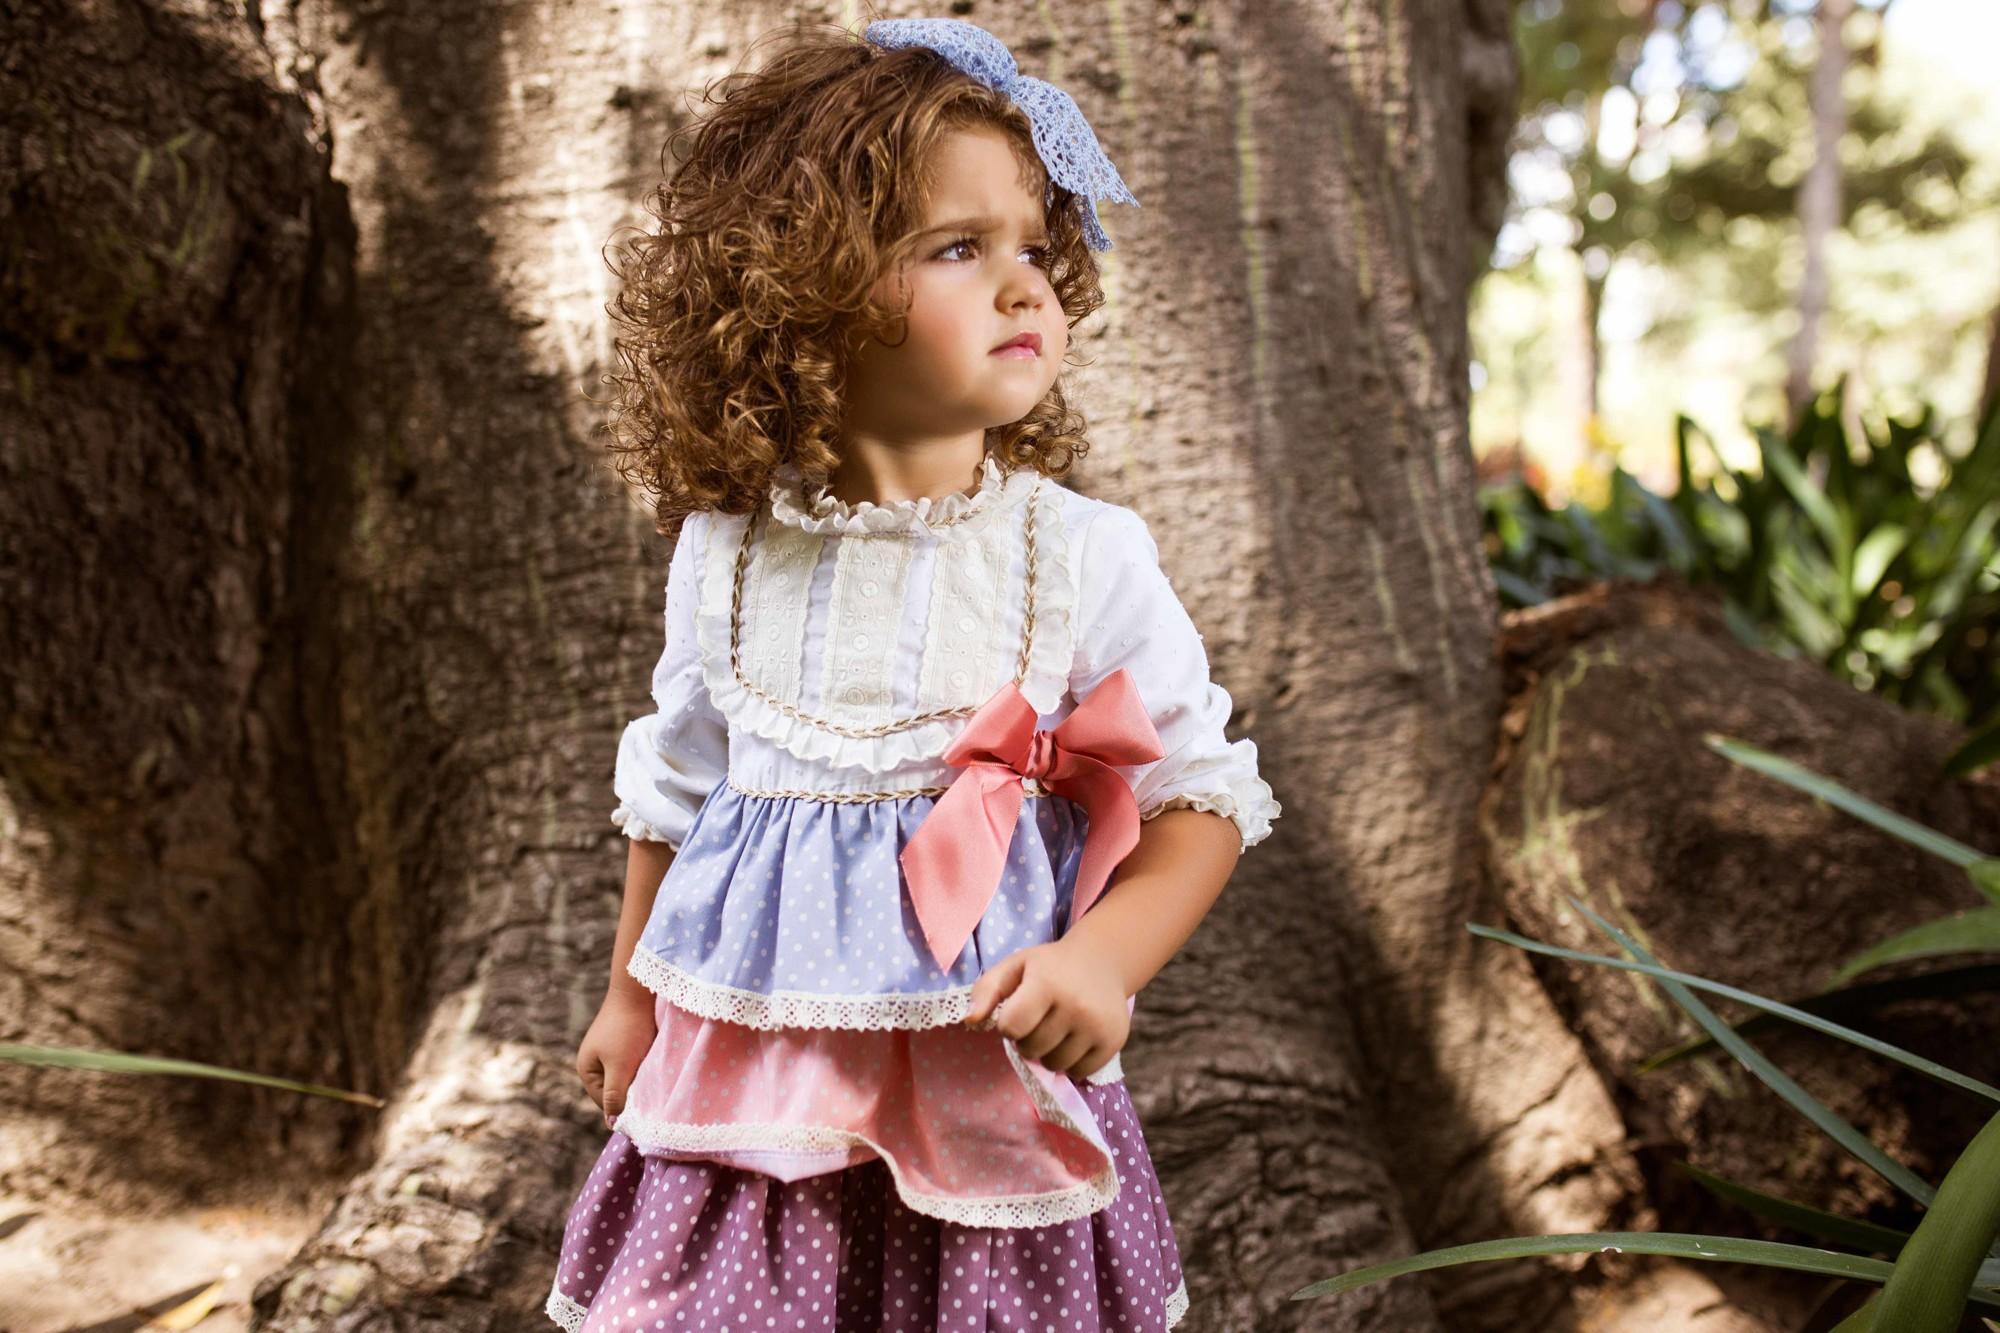 fotografos de niños Malaga 01